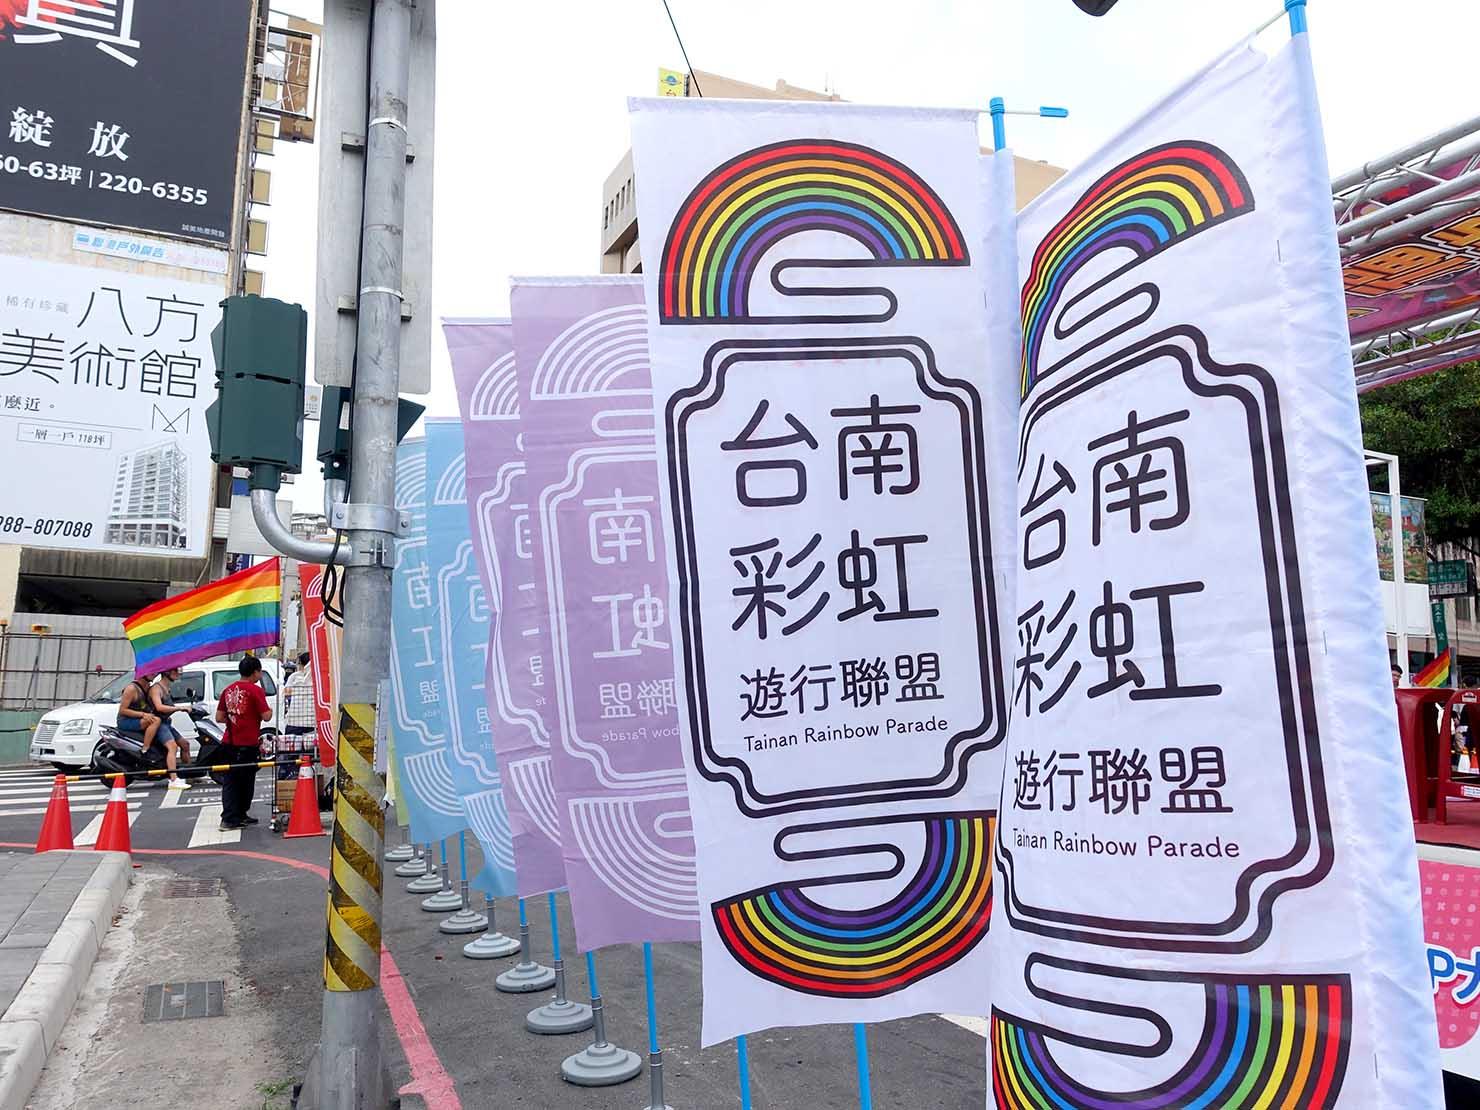 台南彩虹遊行(台南レインボーパレード)2019の旗